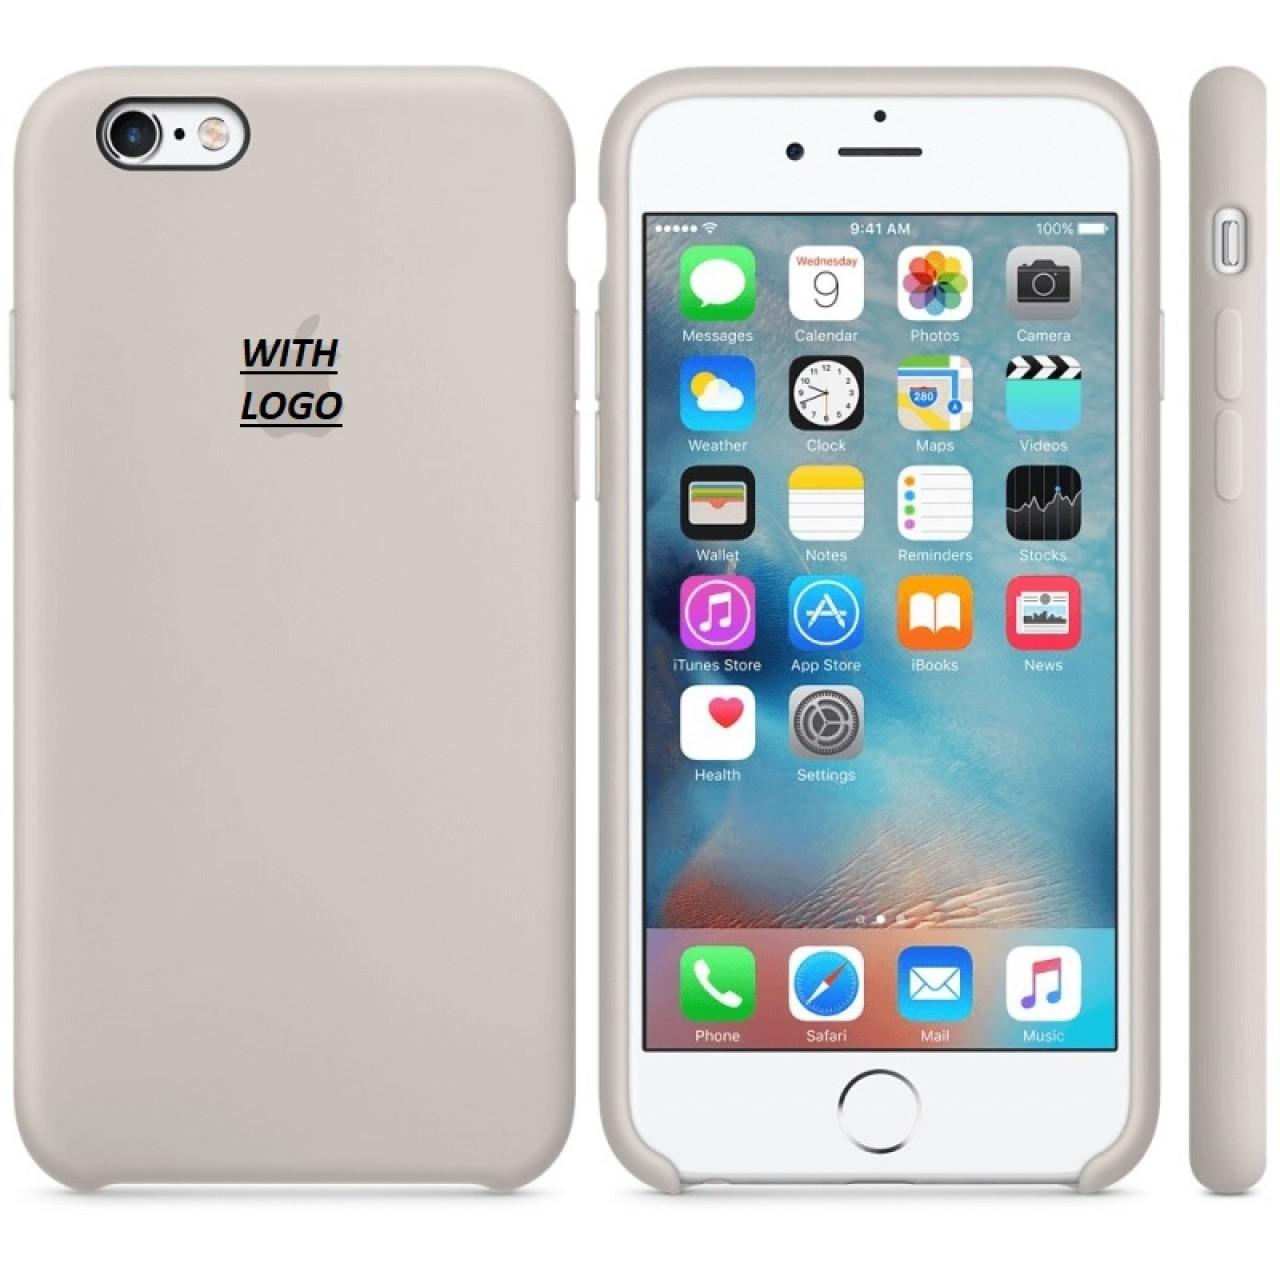 ΘΗΚΗ ΠΡΟΣΤΑΣΙΑΣ ΣΙΛΙΚΟΝΗΣ ΓΙΑ iPhone 6 PLUS ΓΚΡΙ ΤΗΣ ΠΕΤΡΑΣ - BACK COVER SILICON CASE STONE GREY - OEM